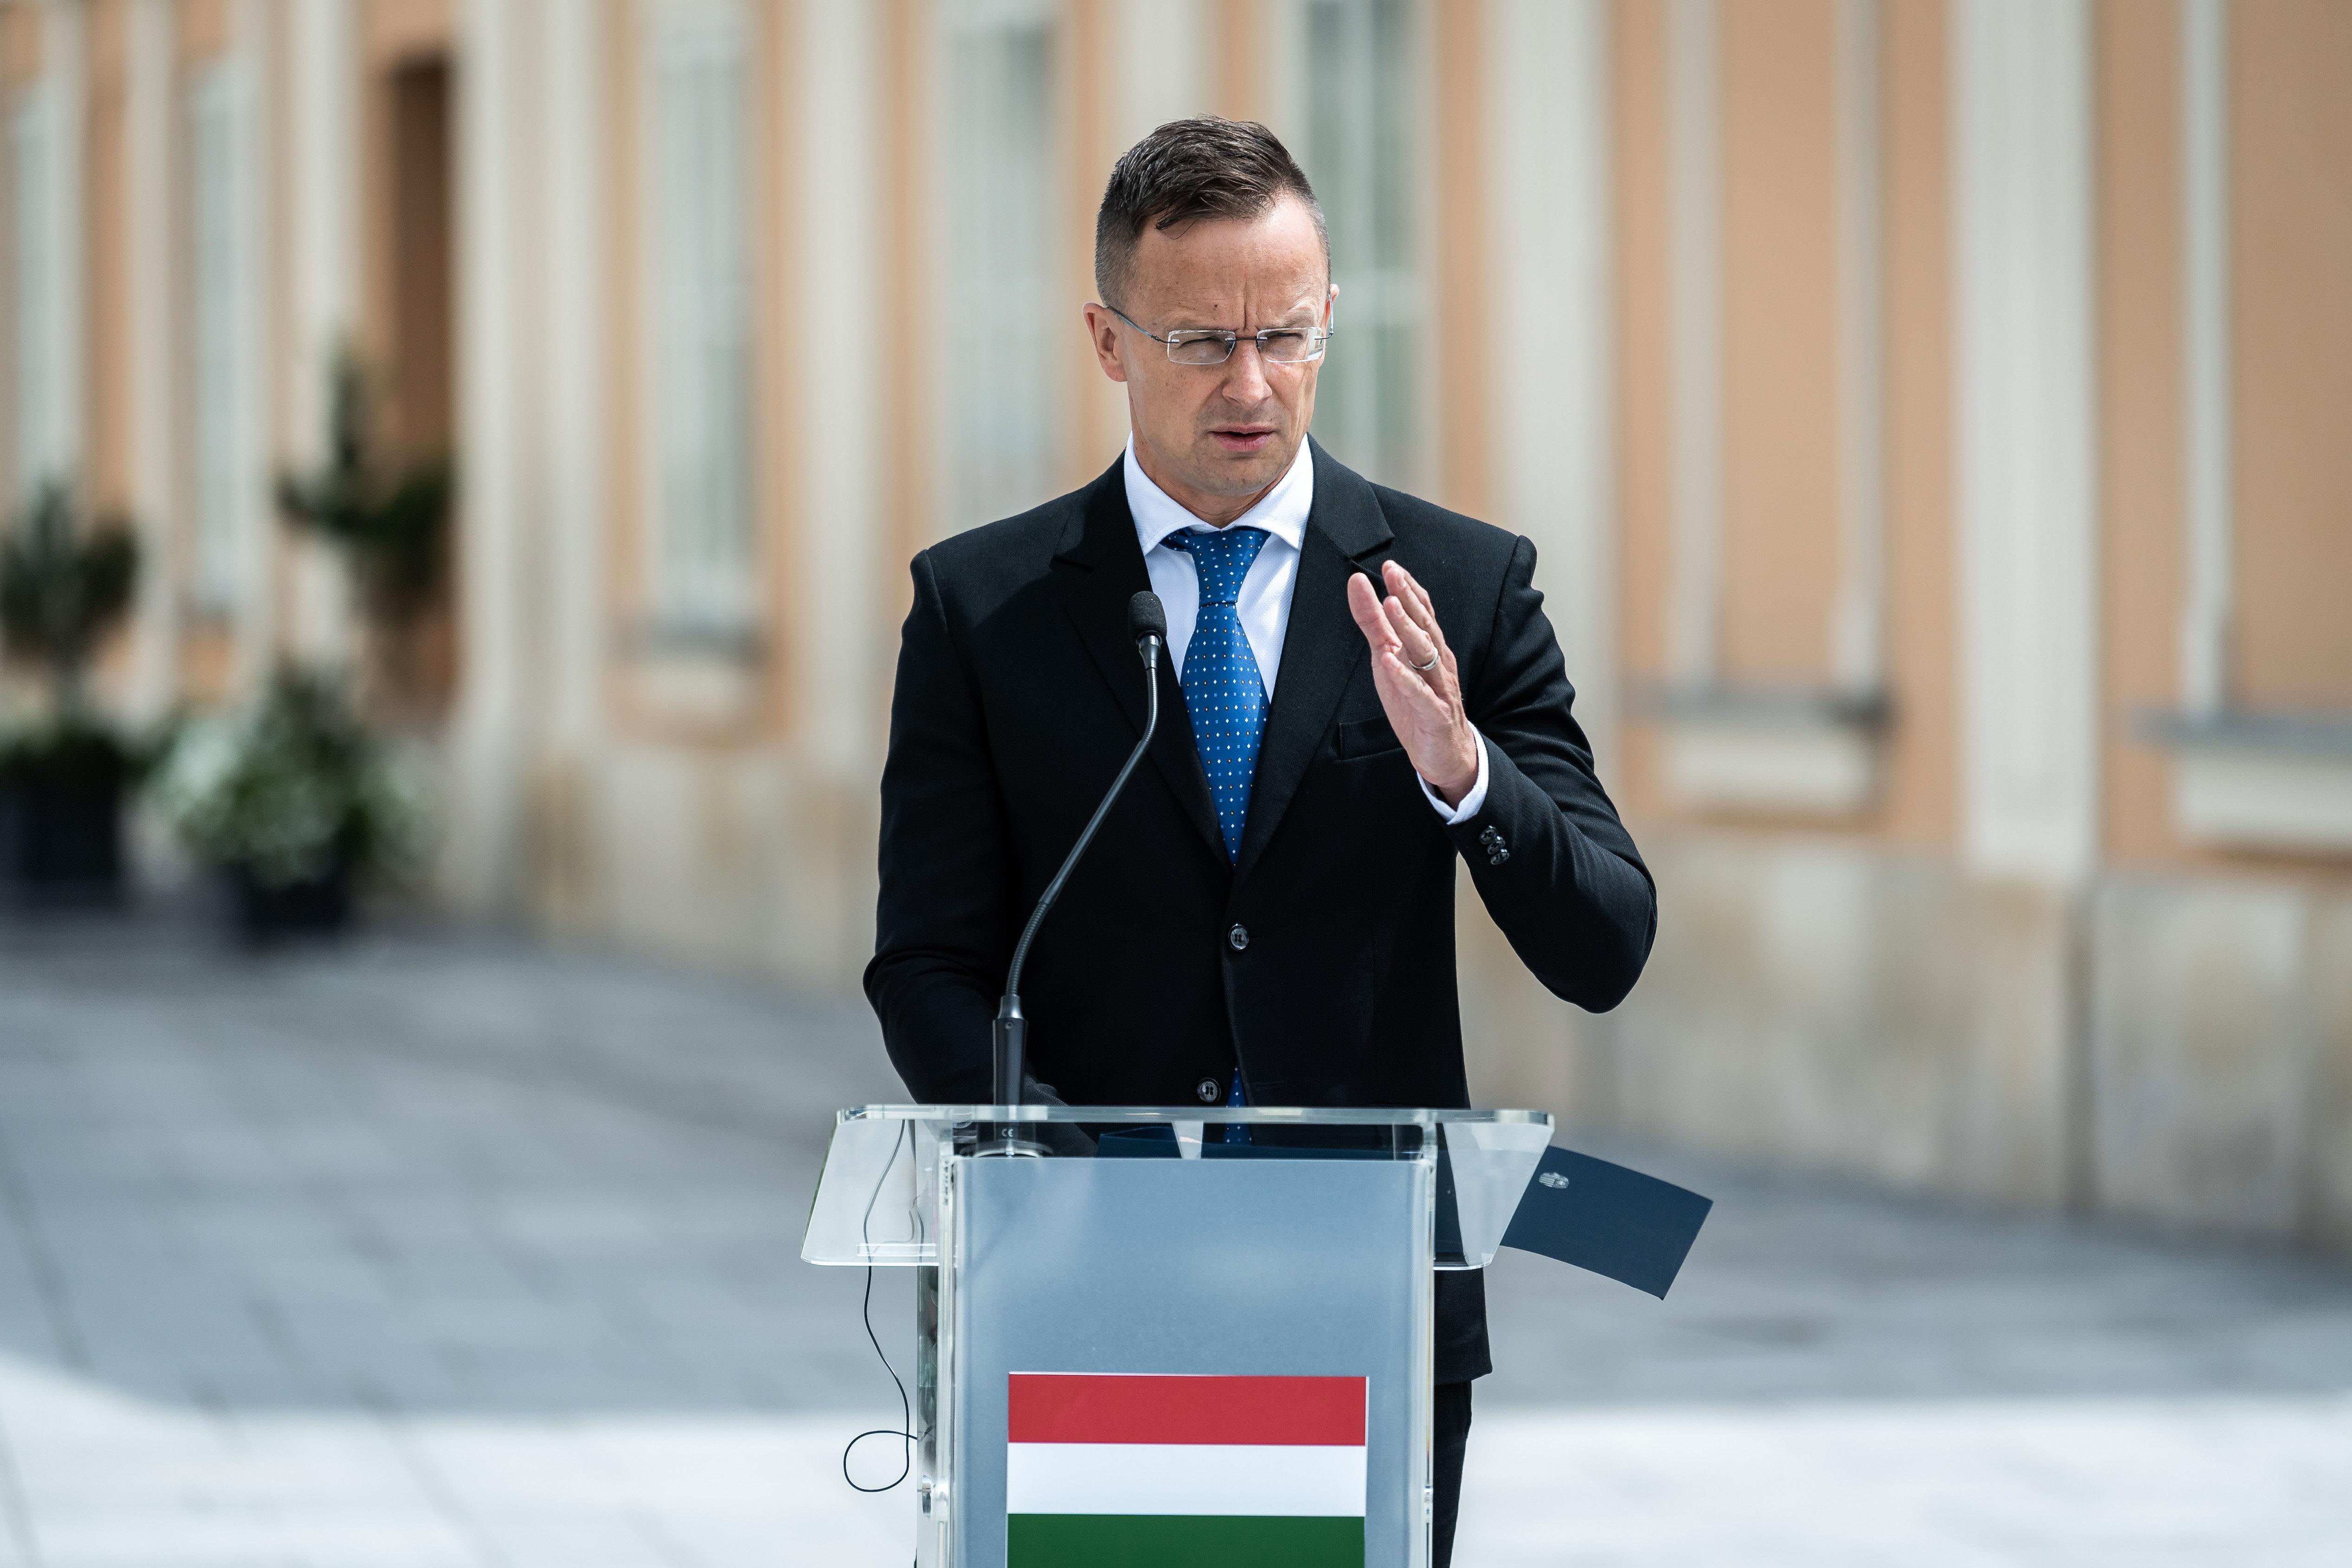 11 milliárdot tolt a külügy a trieszti kikötőcégbe úgy, hogy még mindig nem a magyar államé a terület